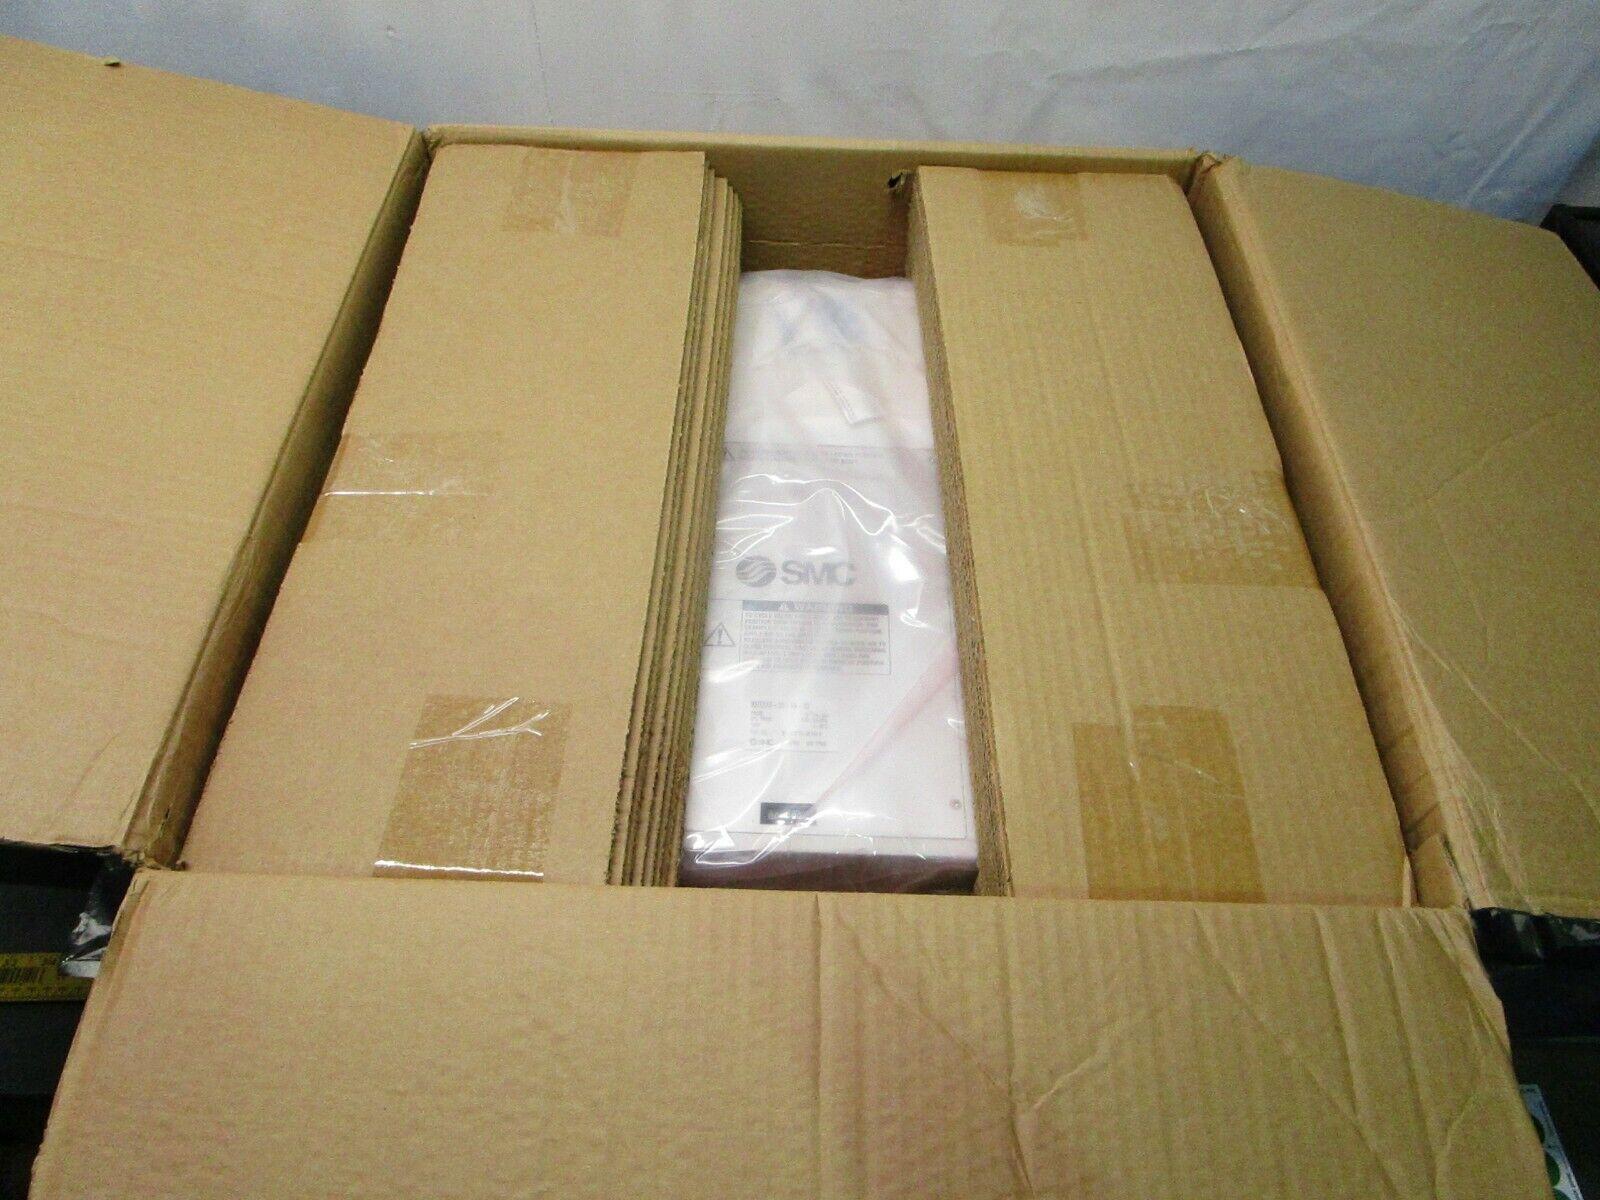 SMC XGT310-30-1A-X2 Gate Valve, Novellus 60-313773-00, 101221